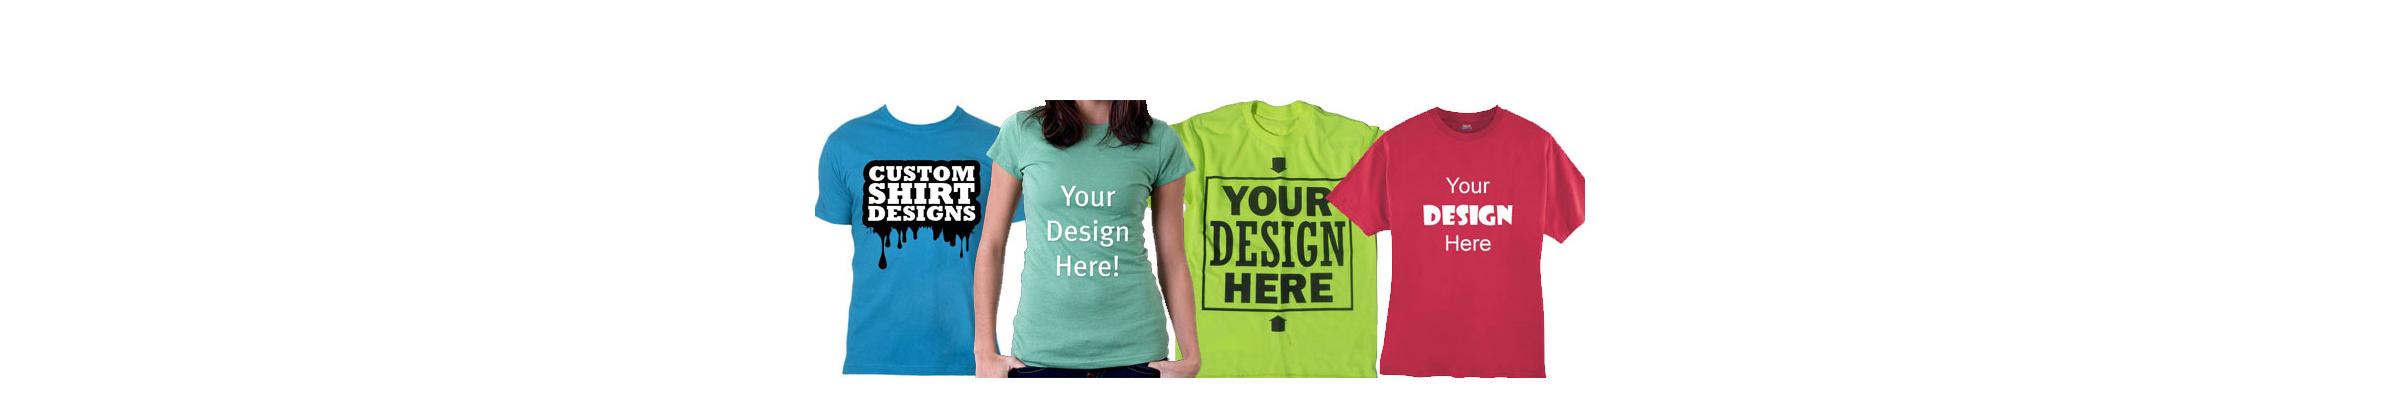 We Do T-shirts